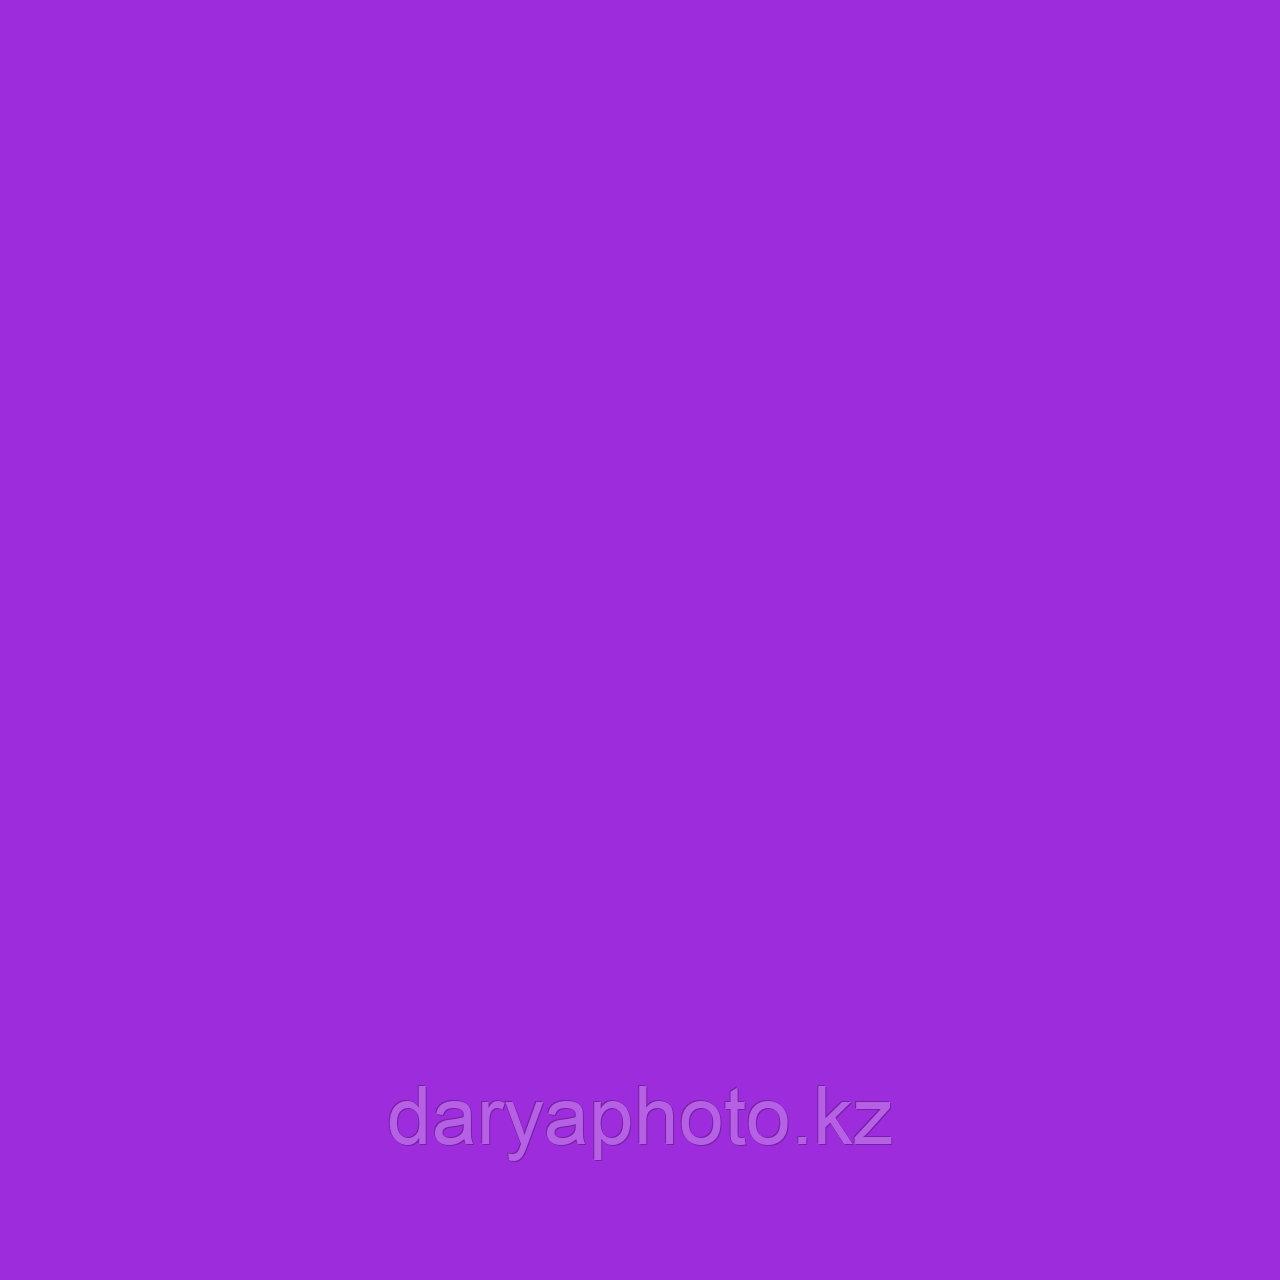 Фиолетовый Фон бумажный. Фотофон. Фон для фотостудии - фото 1